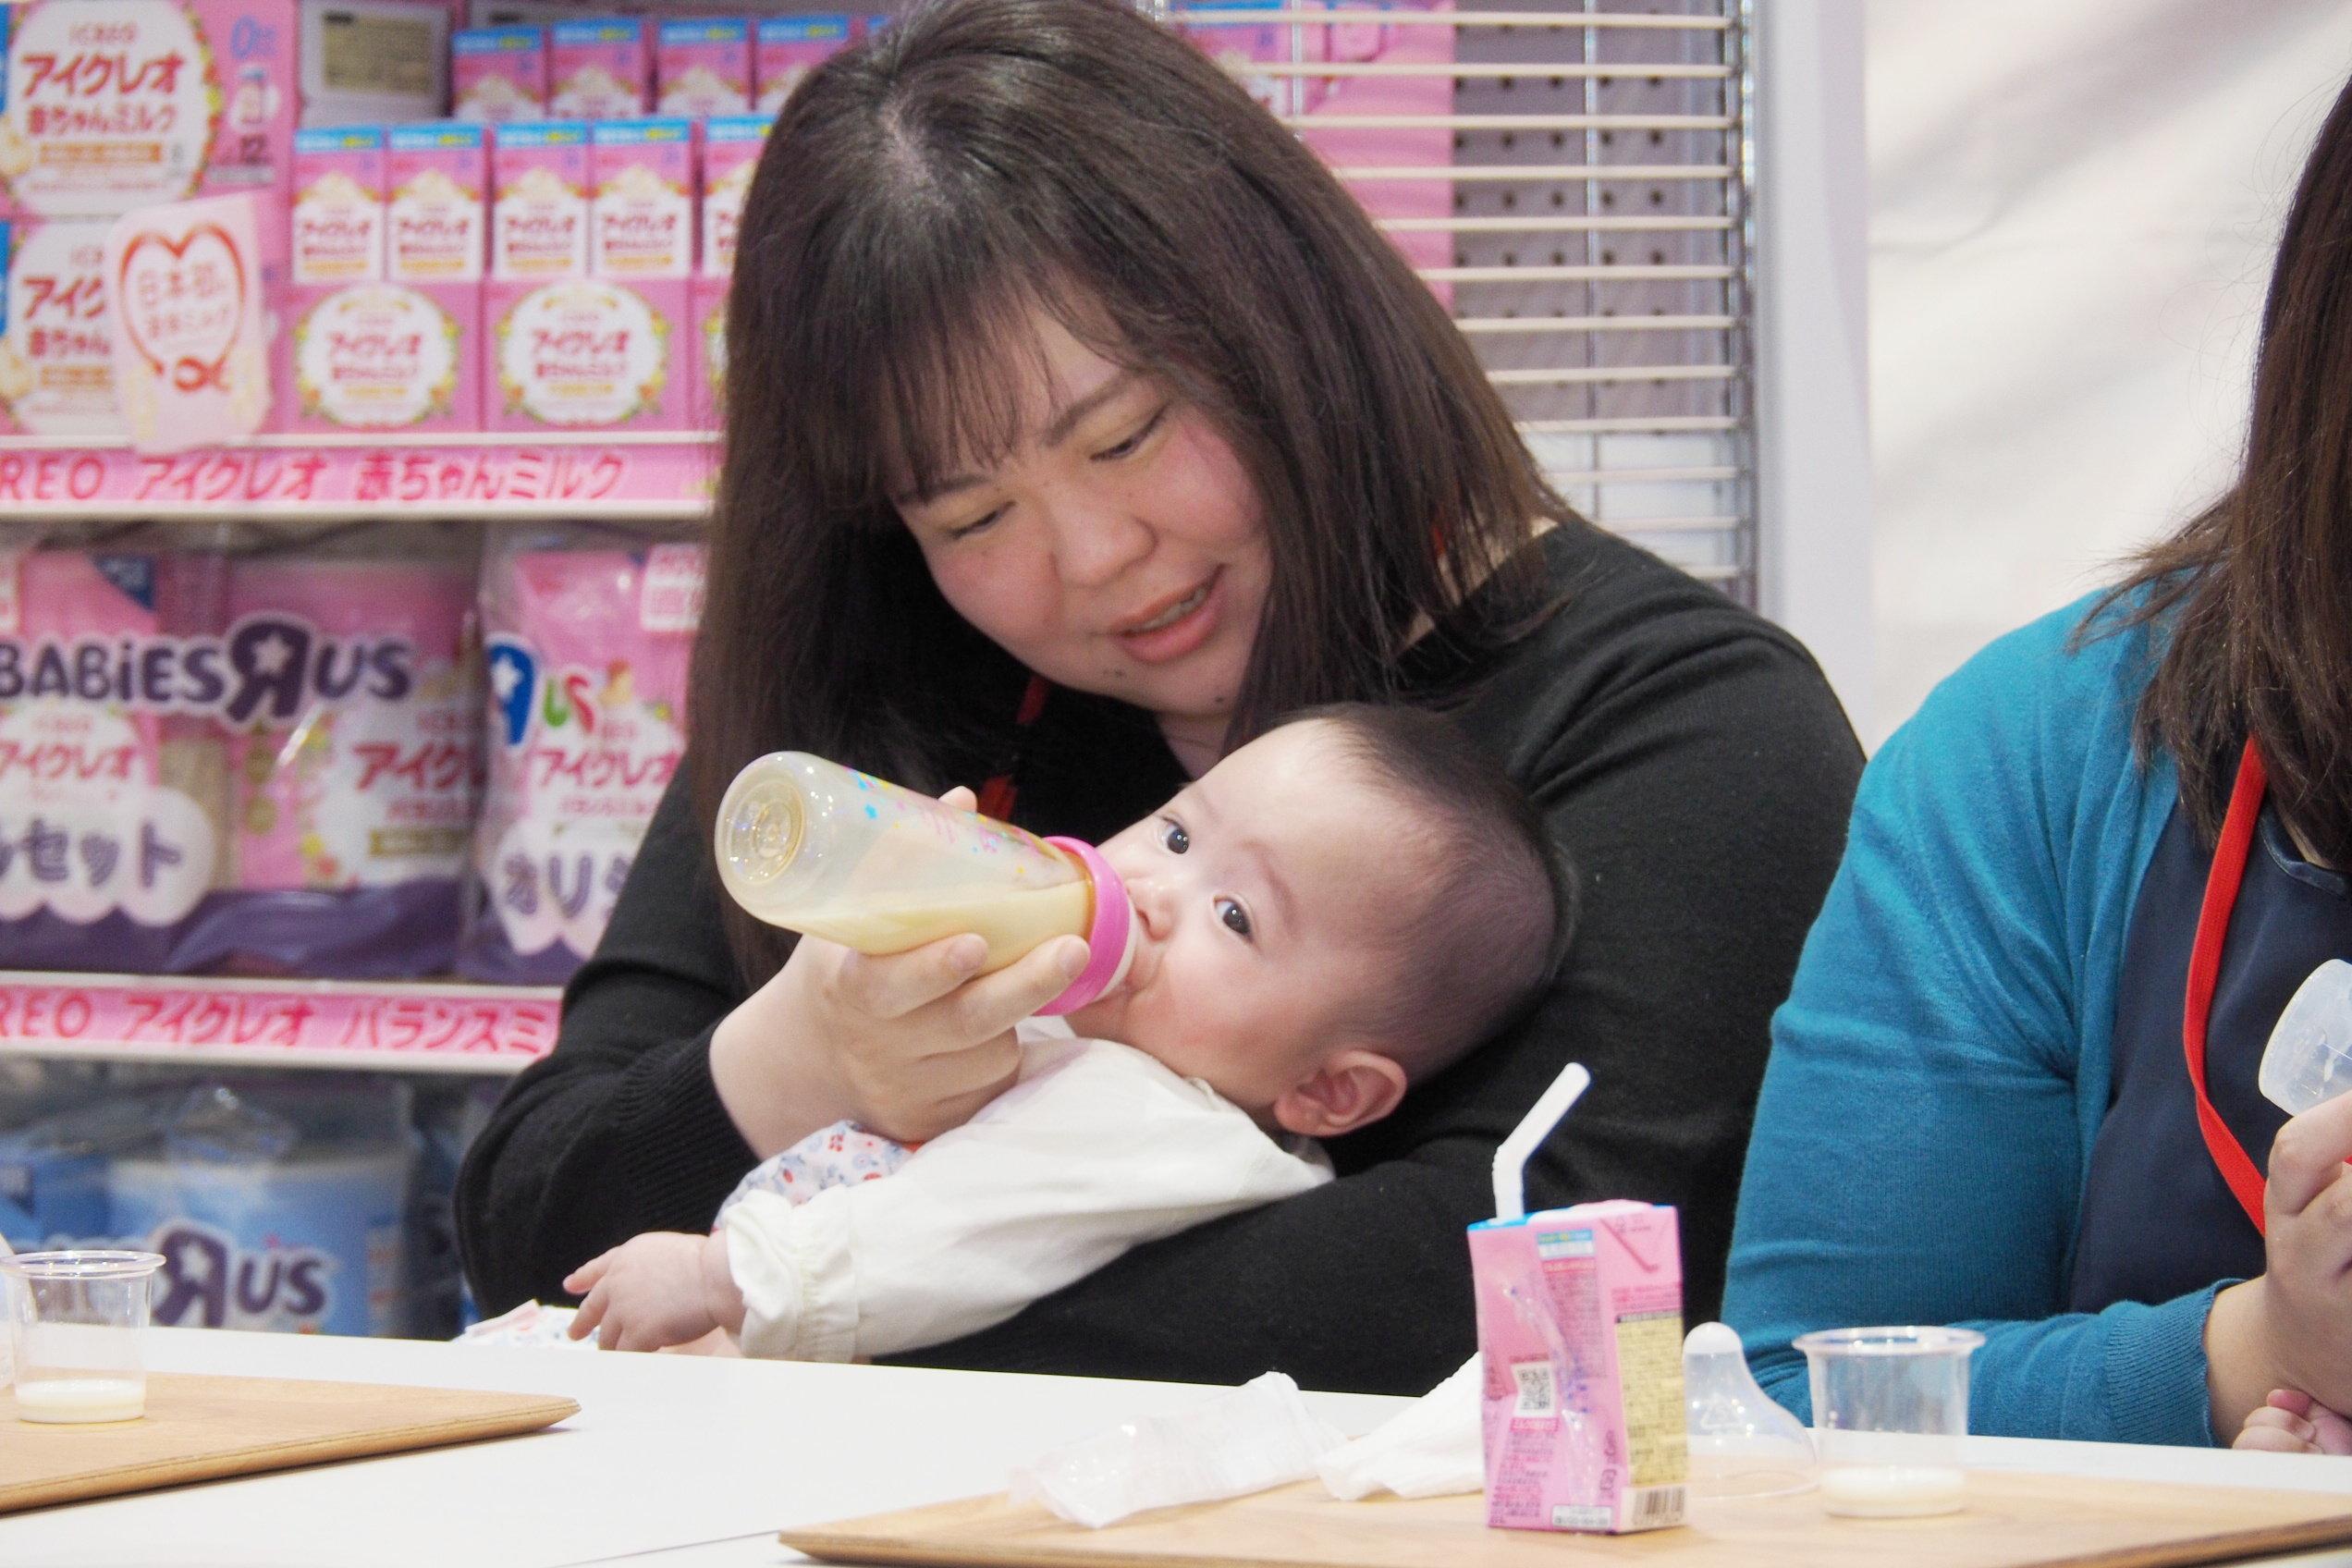 【東日本大震災から8年】乳児用液体ミルクの店頭販売がスタート。江崎グリコの担当者「ついに市販できた」